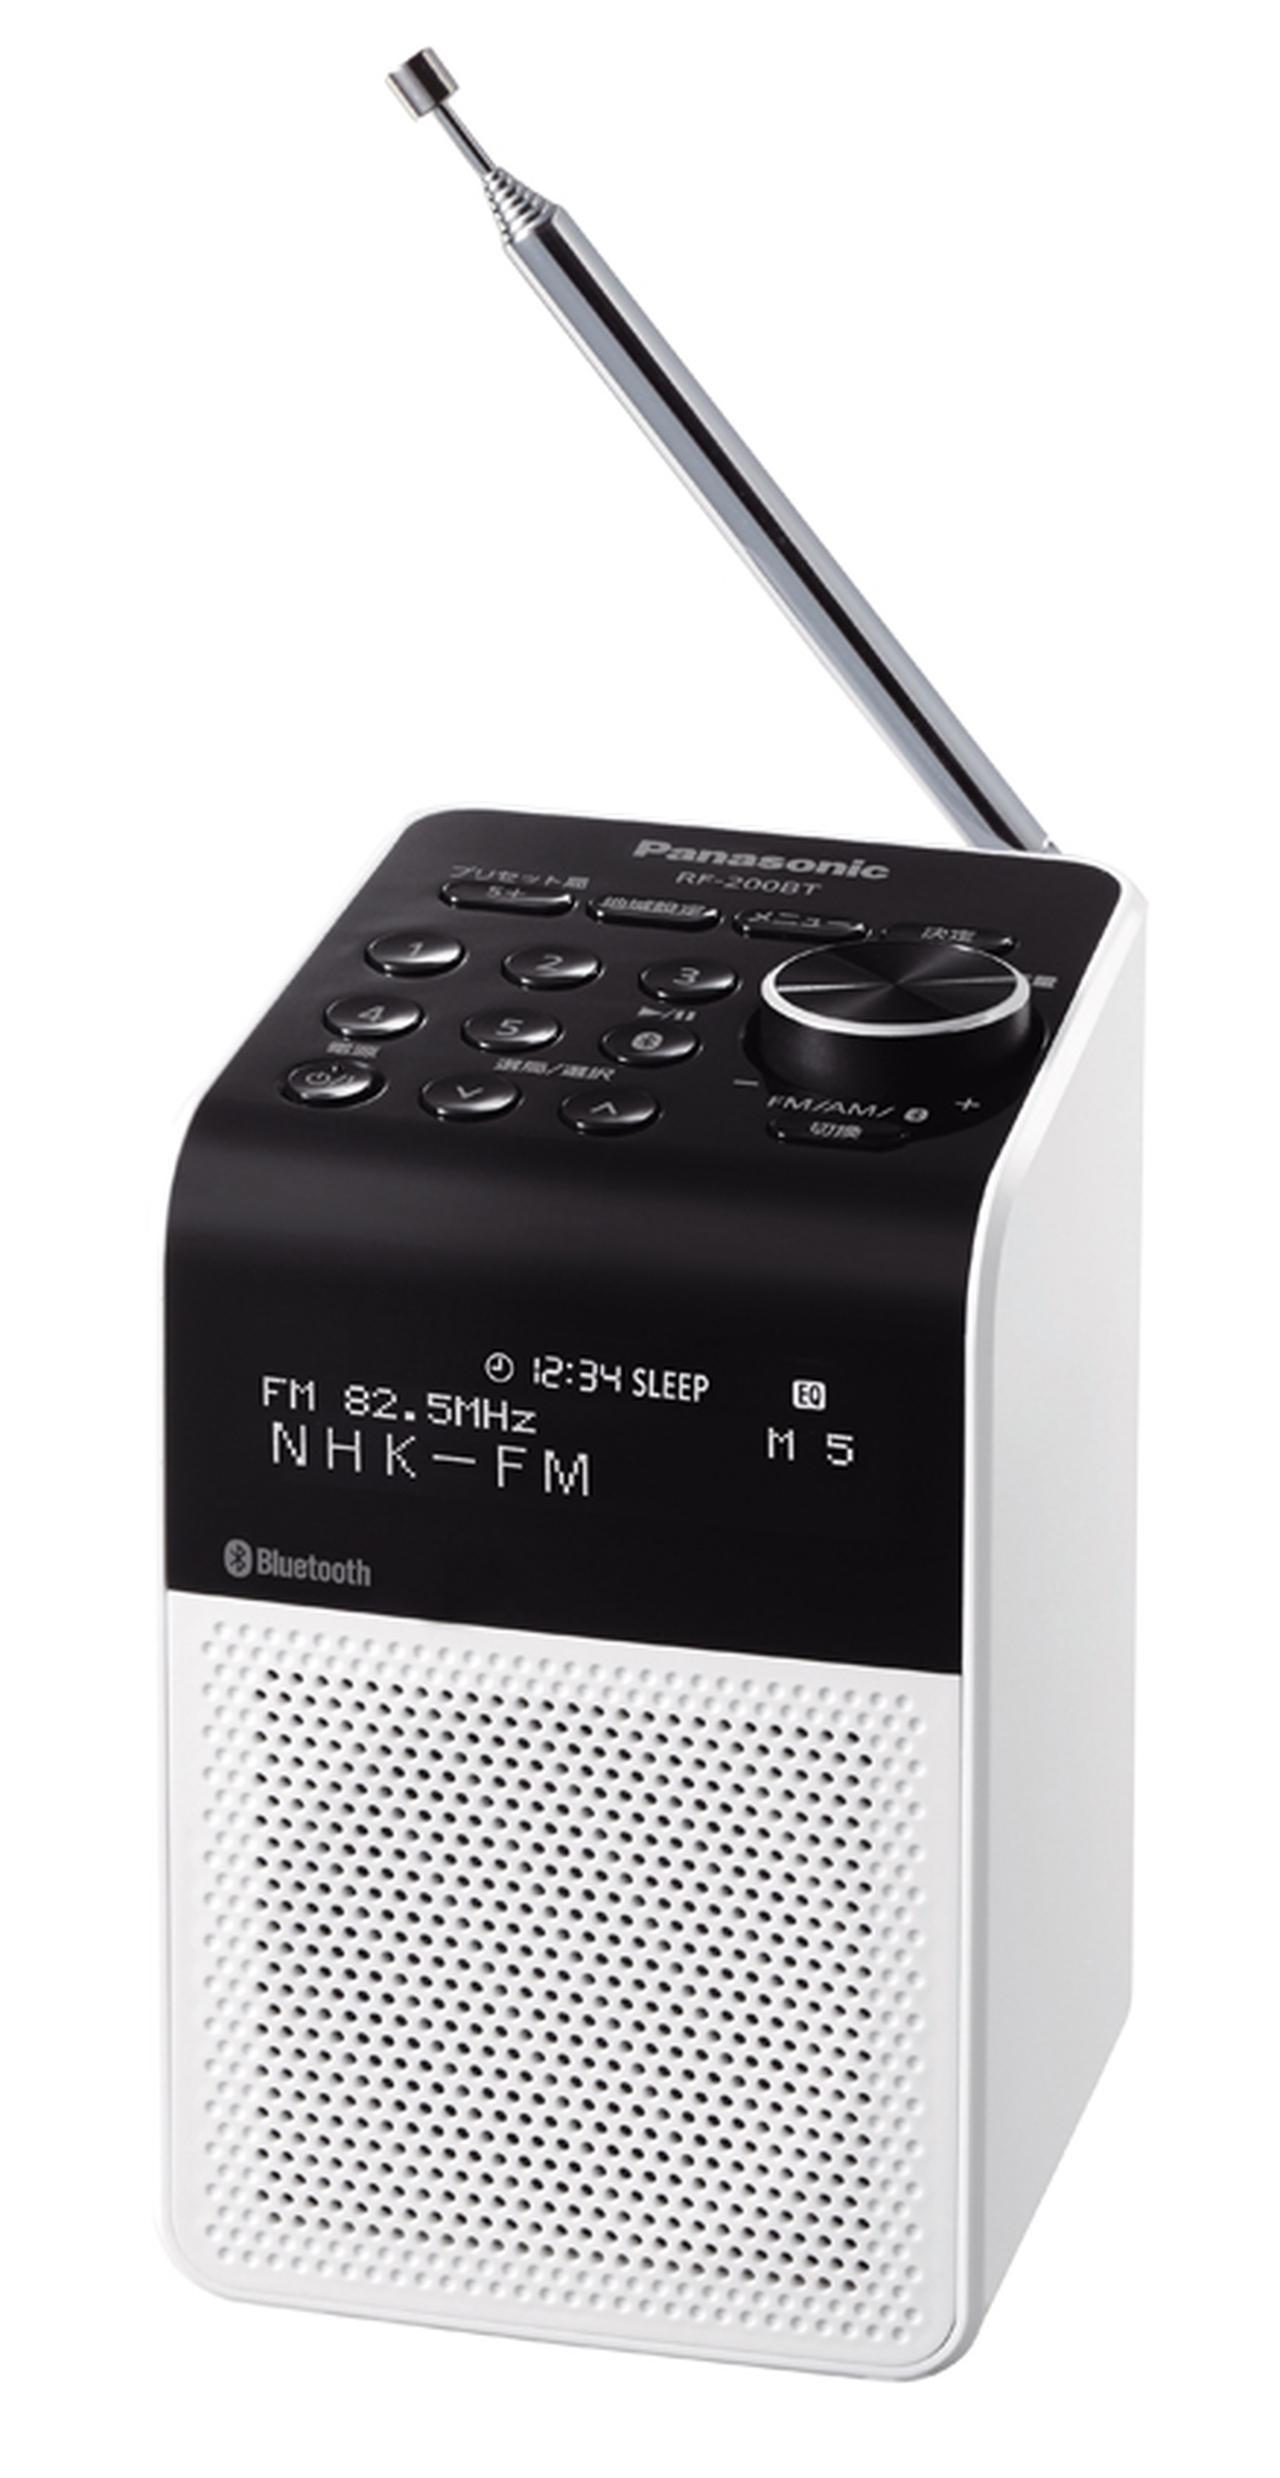 画像: キッチンやダイニングで使える防滴仕様(IPX3相当)。コンパクトなキュービックスタイルがかわいらしい。アラーム、スリープタイマー、全20局のプリセット、受信レベル表示など、多彩なラジオ機能を持つ。●幅90㎜×高さ140㎜×奥行き100㎜●750g●電源:AC100V、単3×3